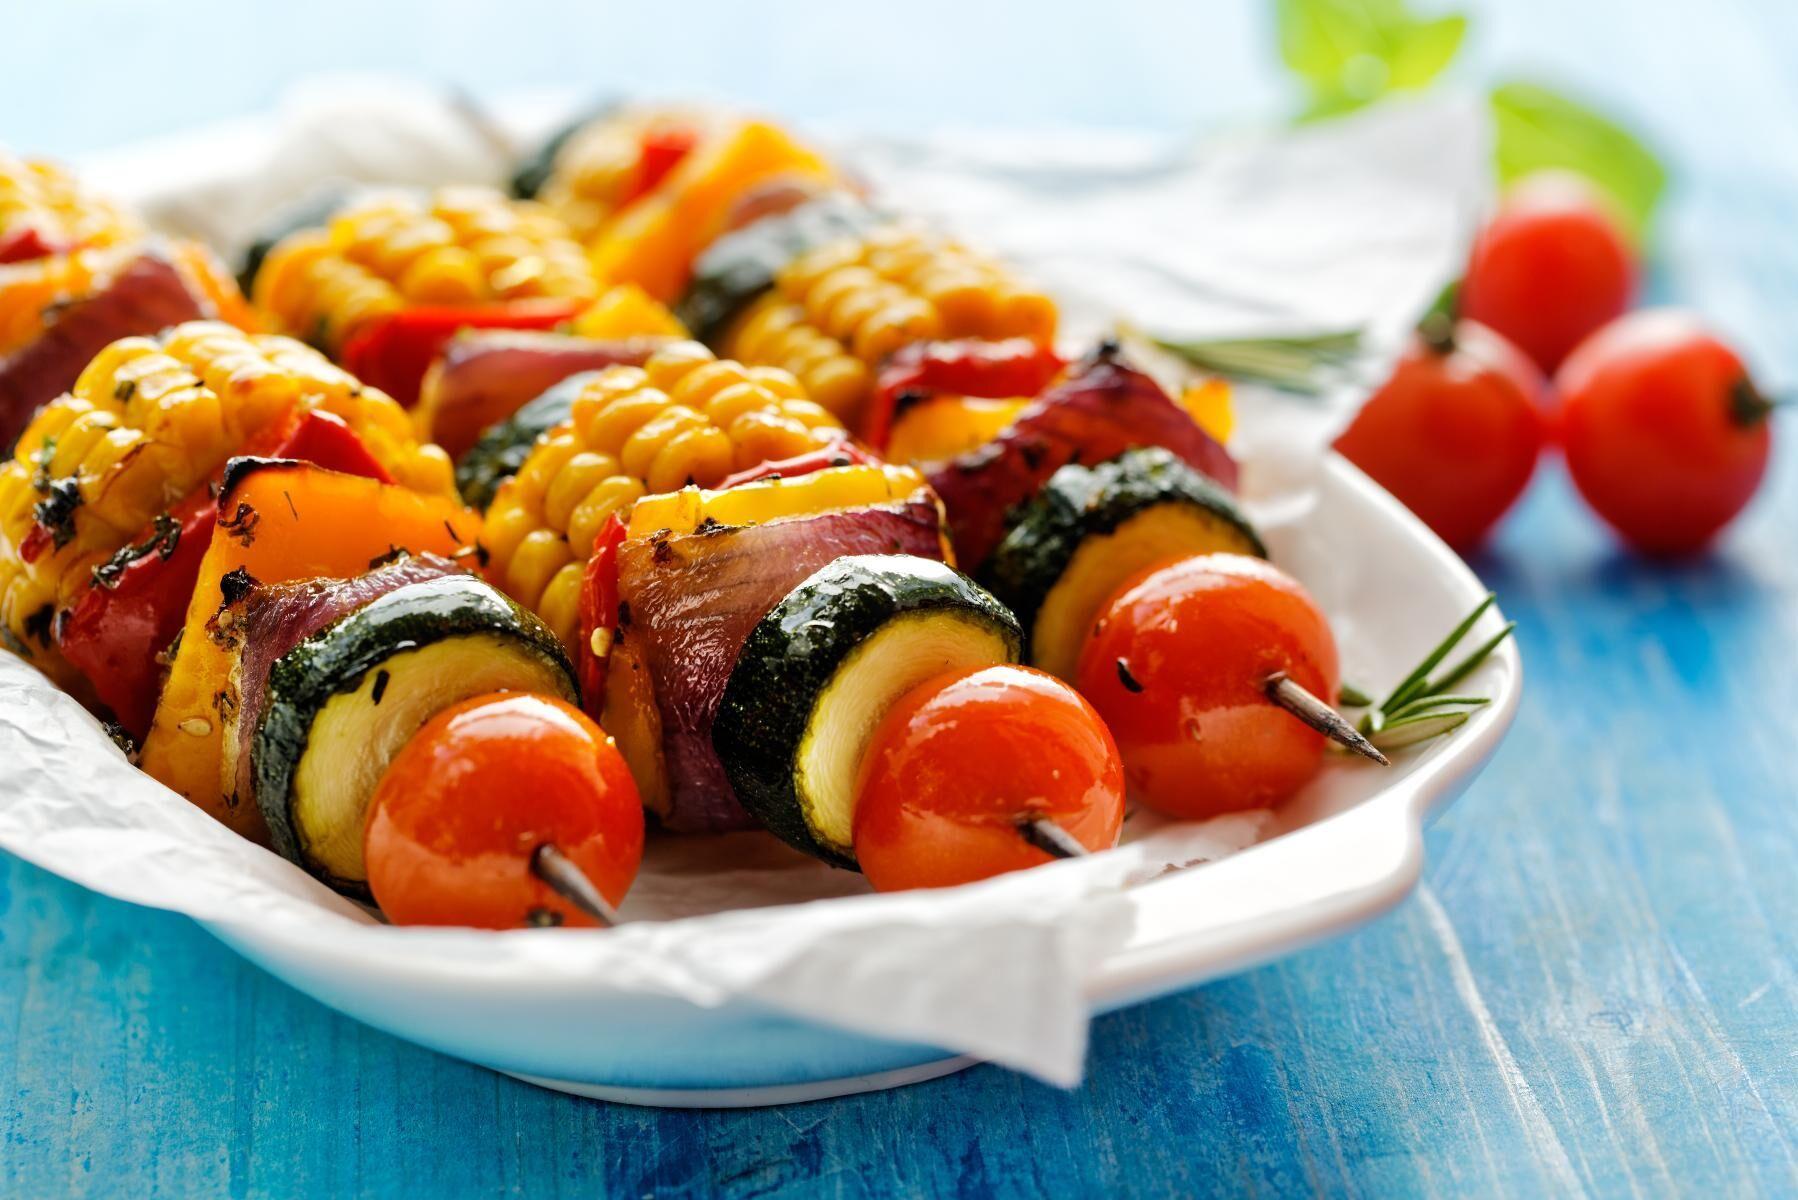 Axfood kommer satsa mer på vegetariska produkter. Arkivbild.